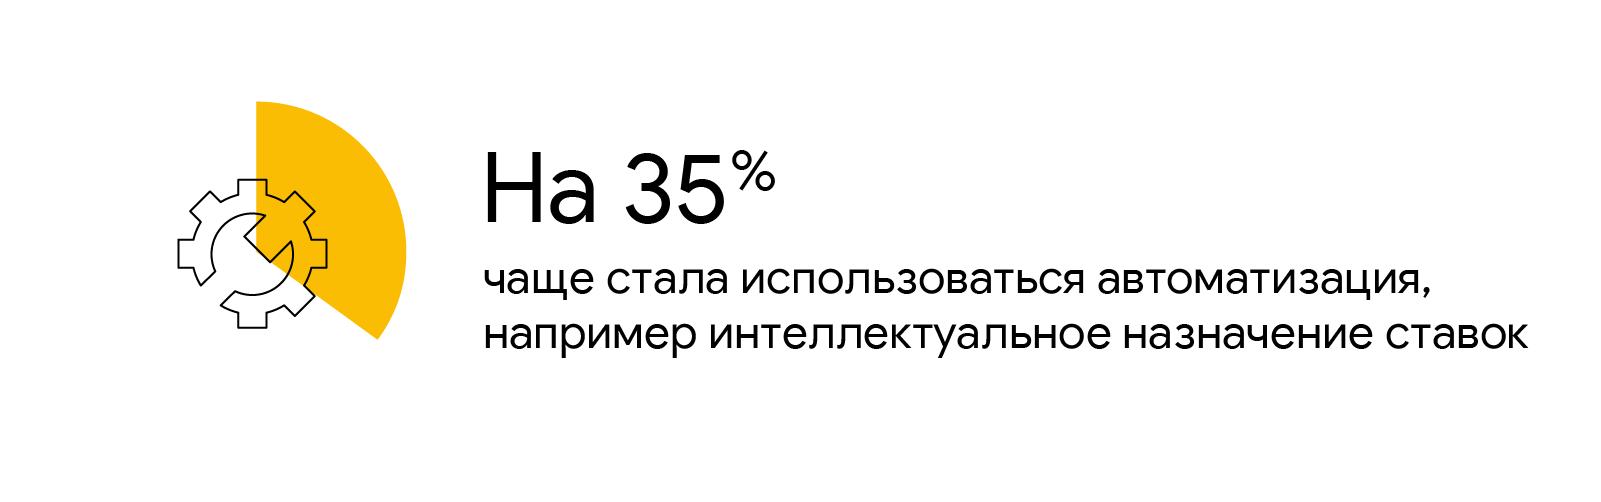 Желтая доля круговой диаграммы, демонстрирующая 35 %, наложена на рисунок шестеренки. Текст: на 35 % чаще стала использоваться автоматизация, например интеллектуальное назначение ставок.